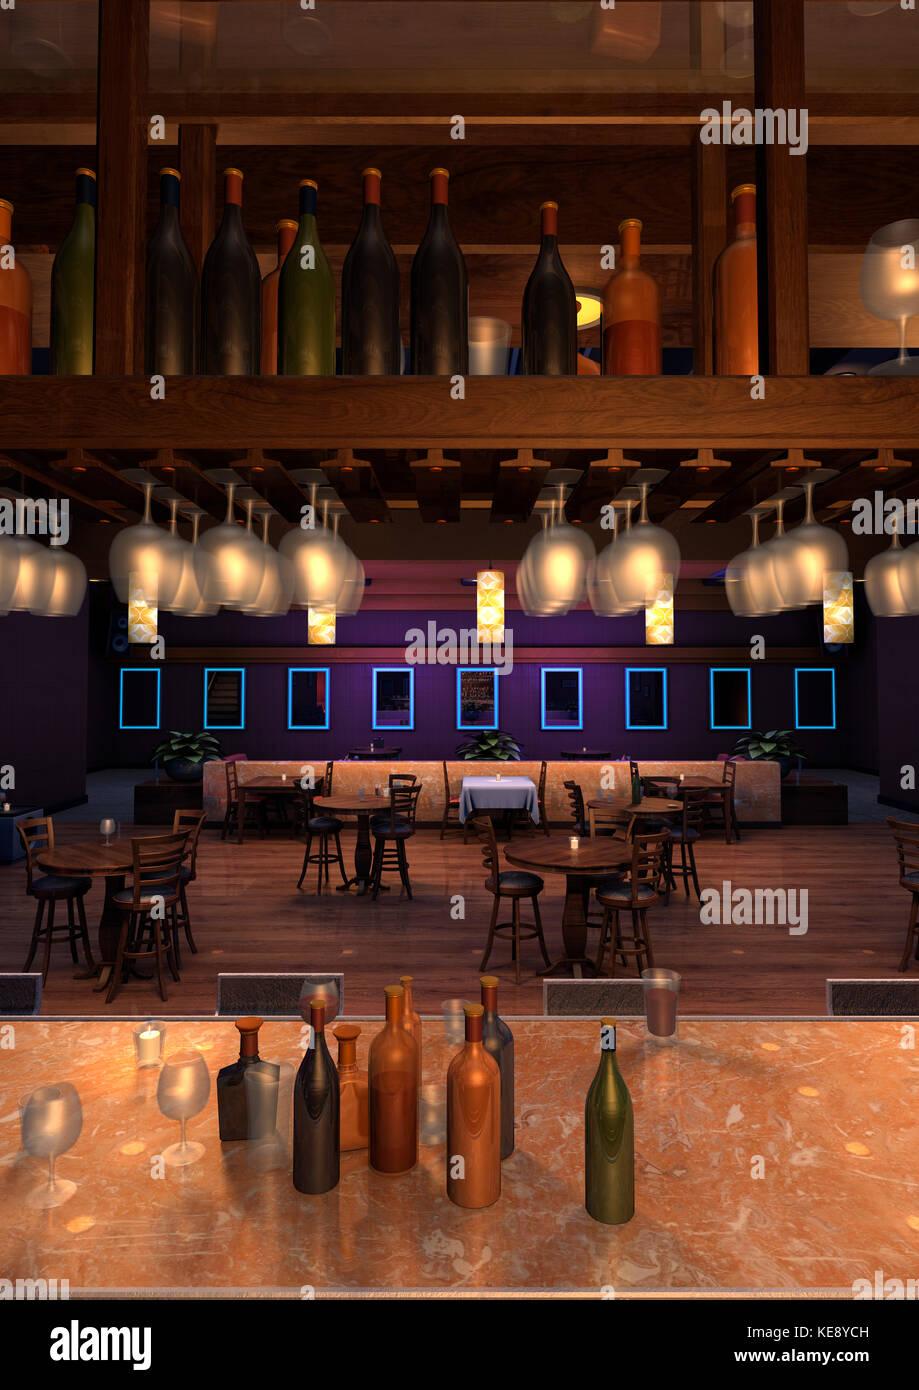 Interior Nightclub Lounge Bar Stockfotos & Interior Nightclub Lounge ...